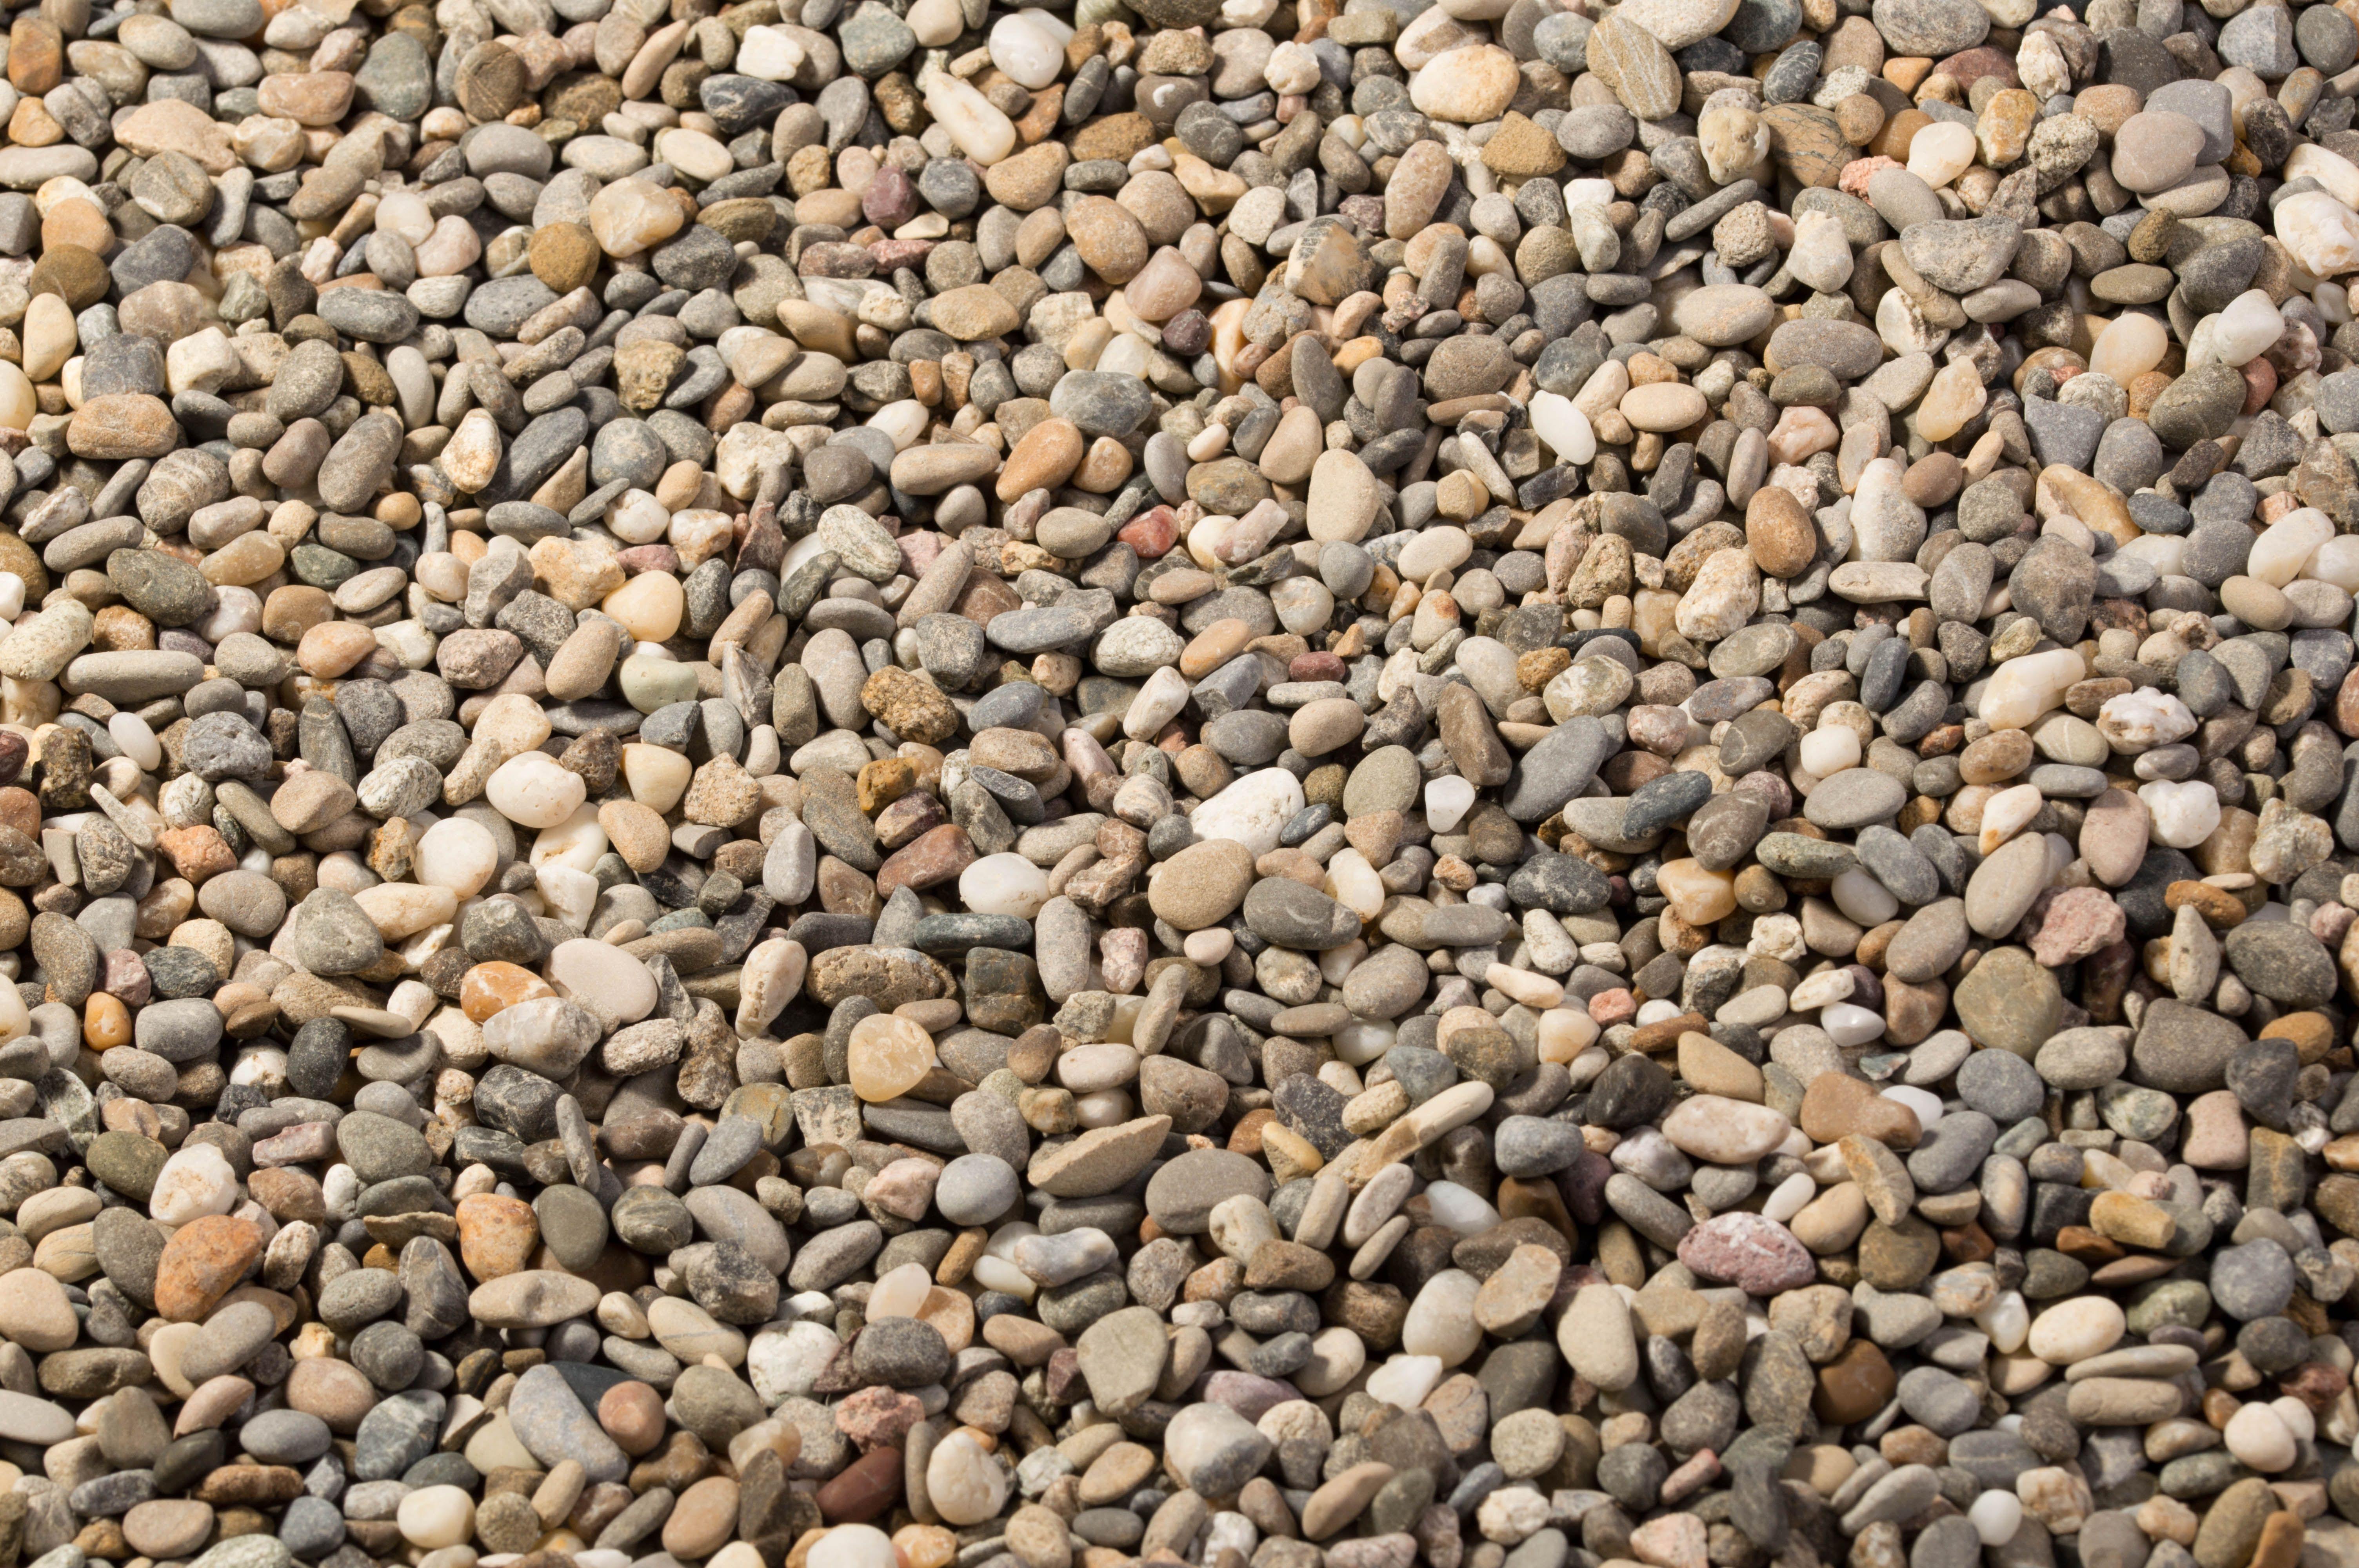 gravier rhin 47 mm est une roche naturelle en mlange gris fonc gris clair et rouge pour le jardin les alles de garage les sentiers pdestres